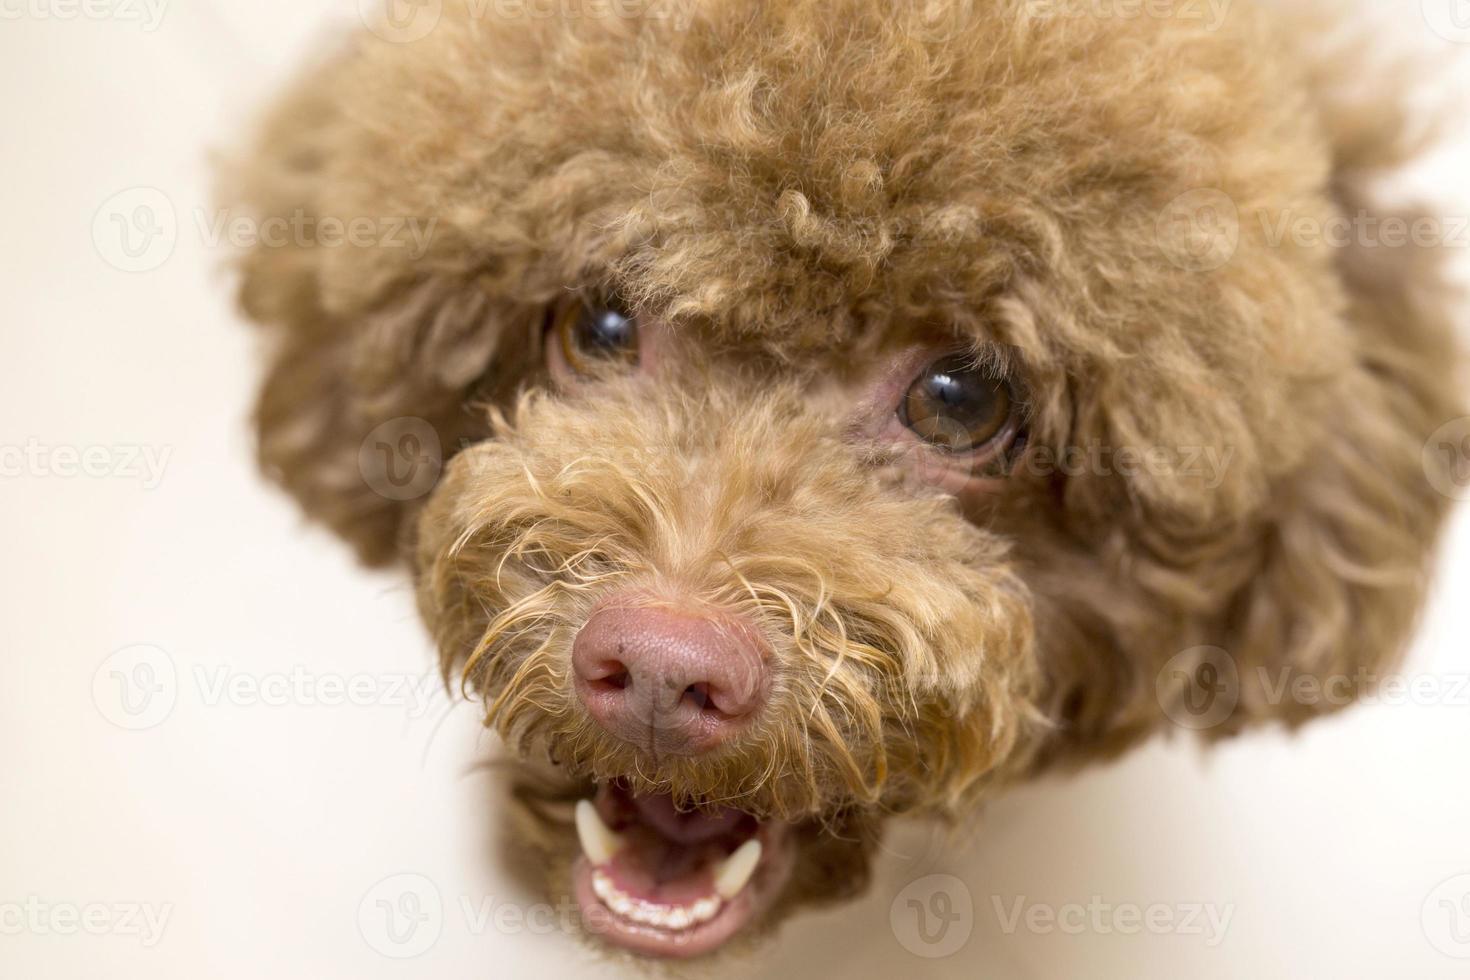 Close up Poodle face photo